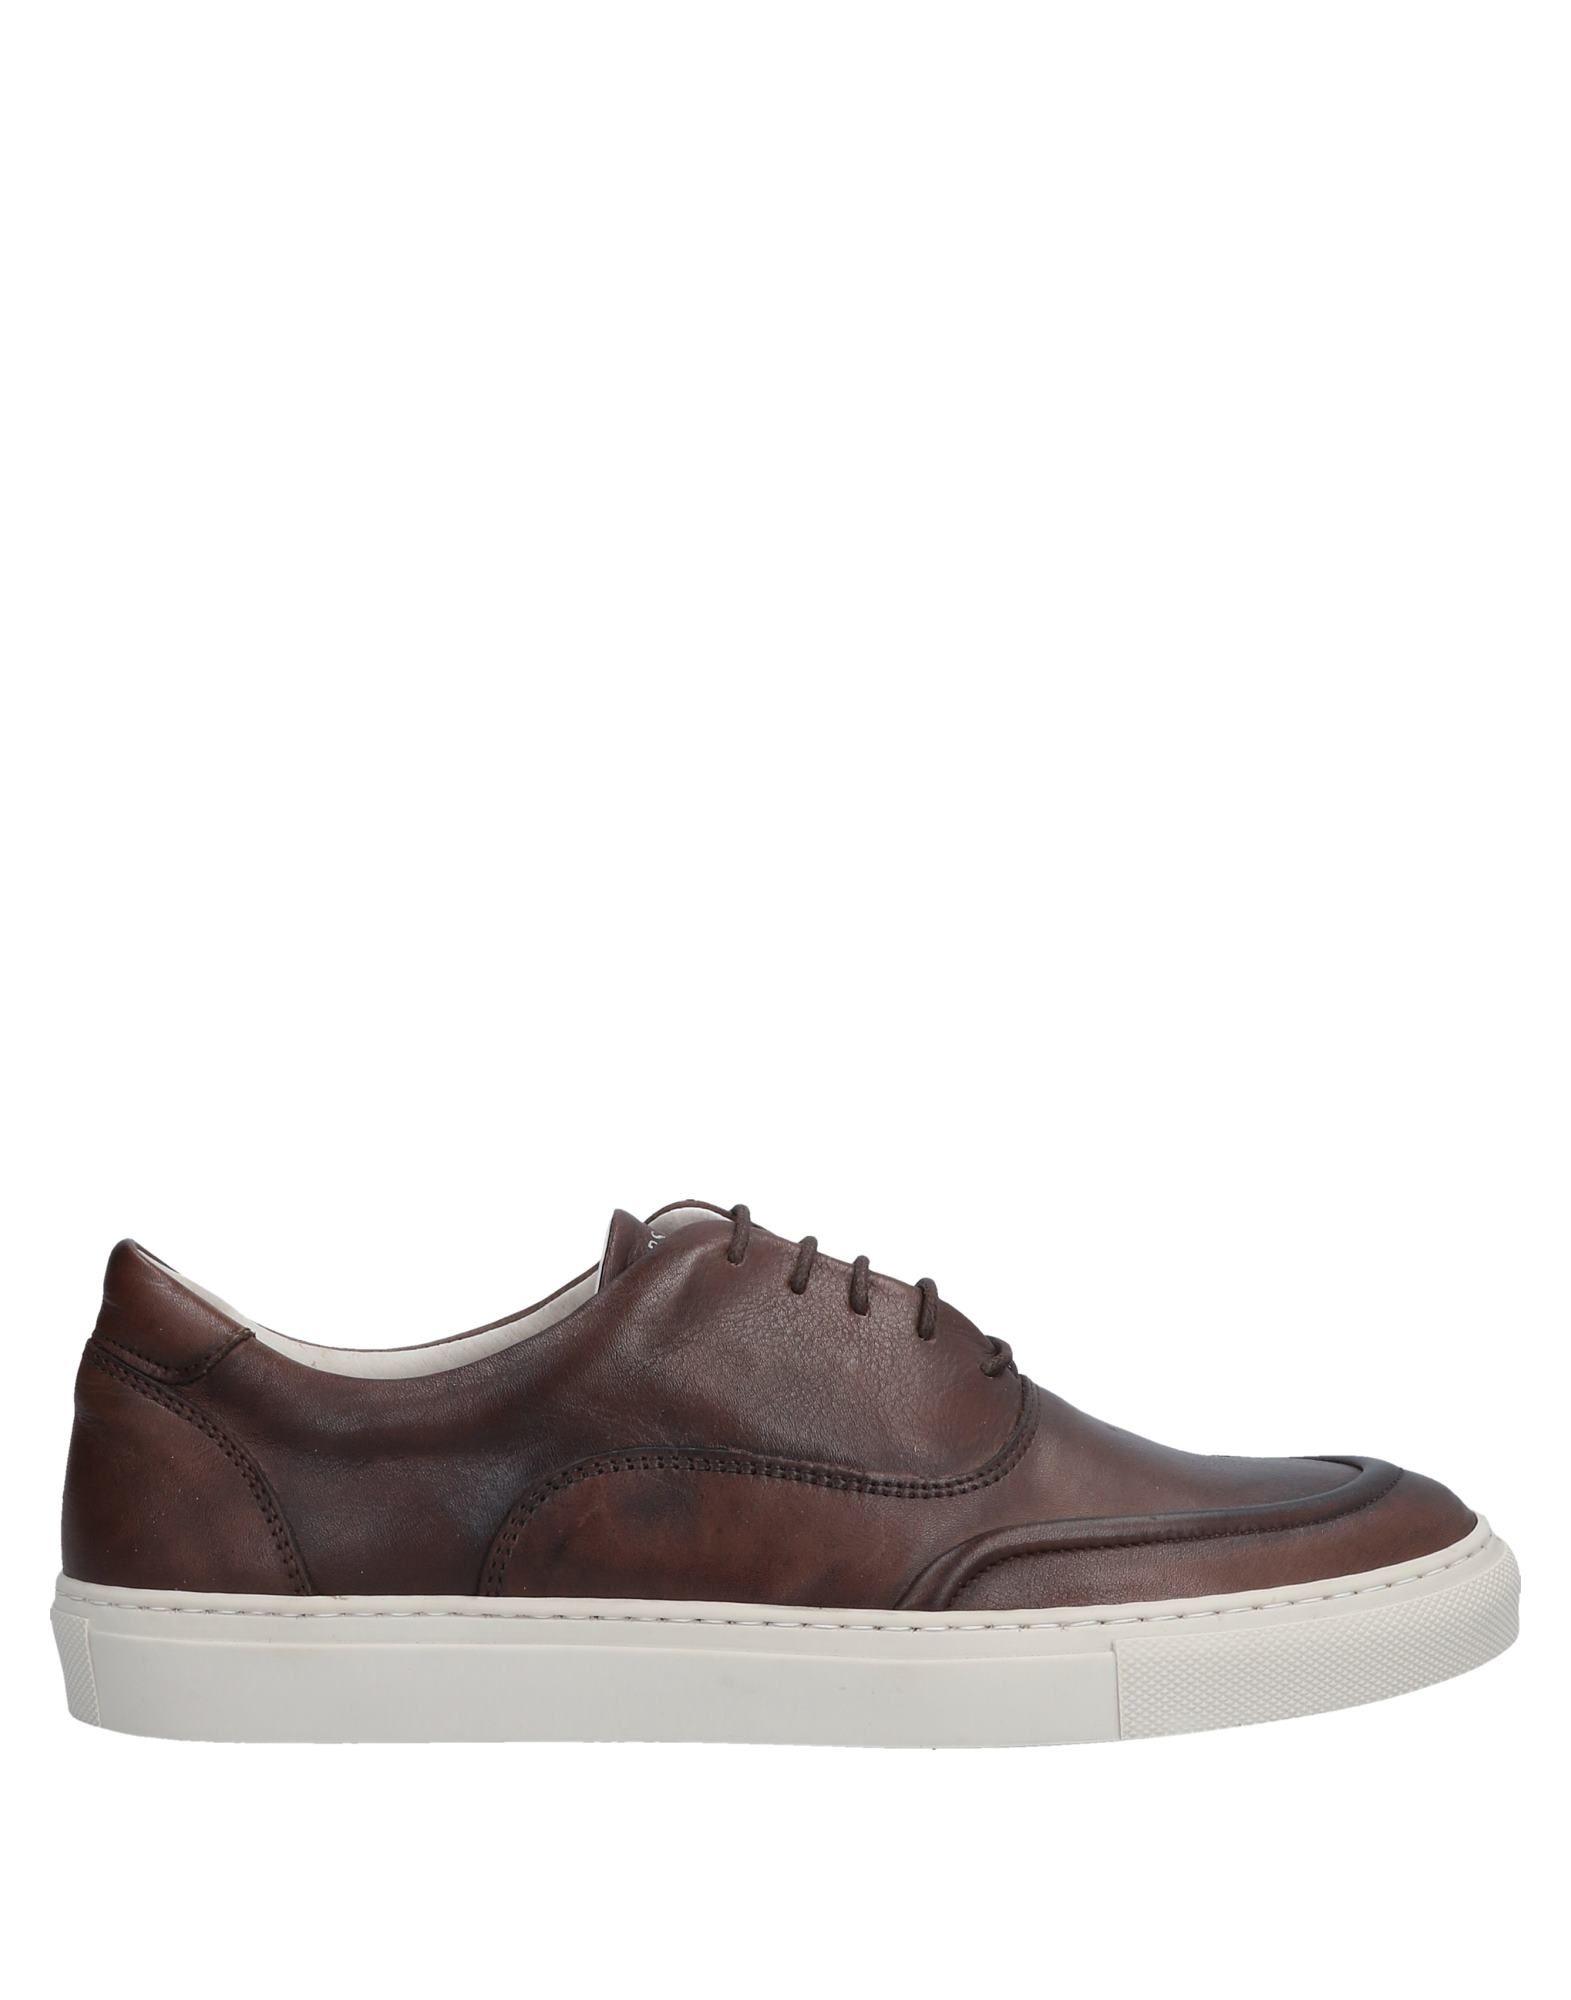 Фото - FLORSHEIM Обувь на шнурках обувь на высокой платформе dkny